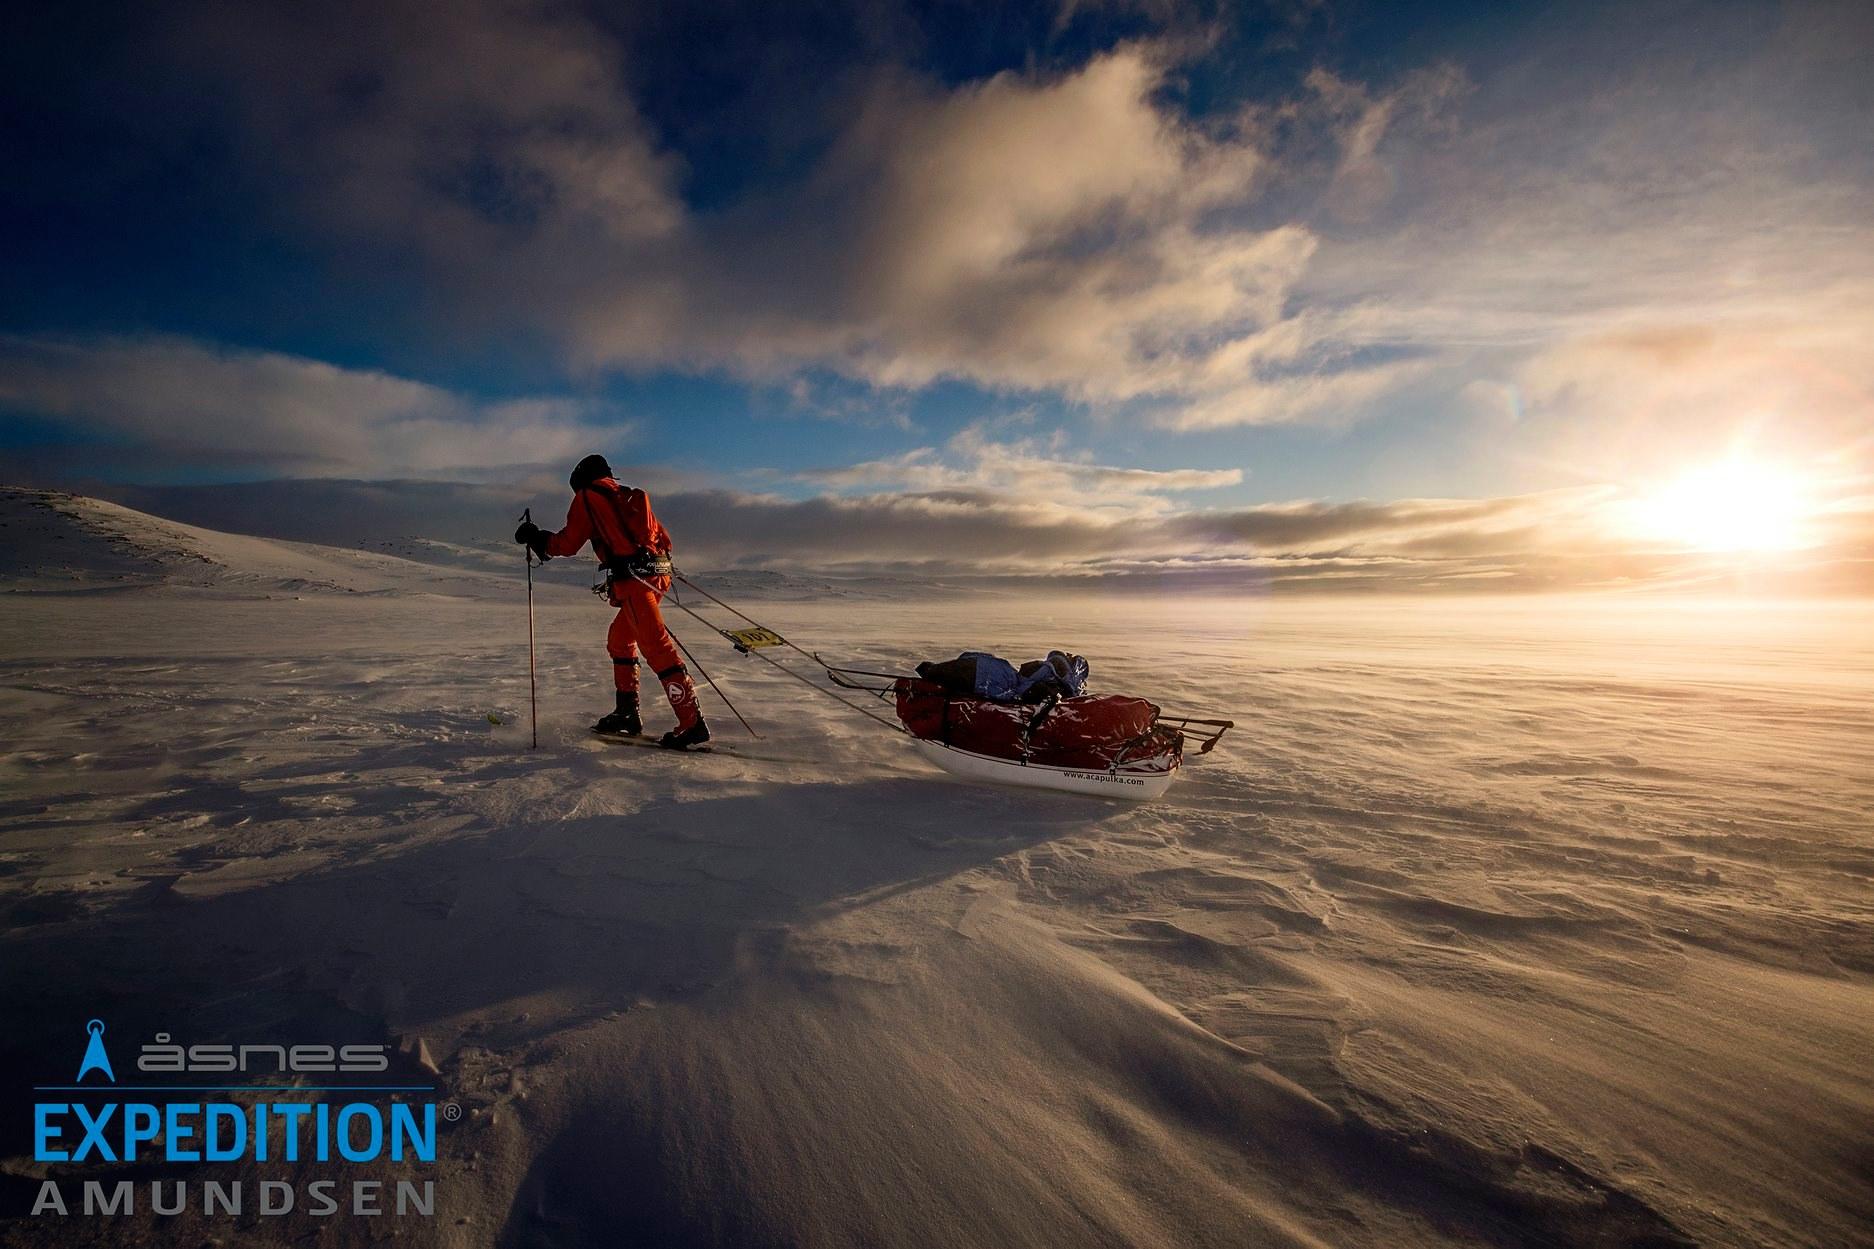 Expedition Amundsen